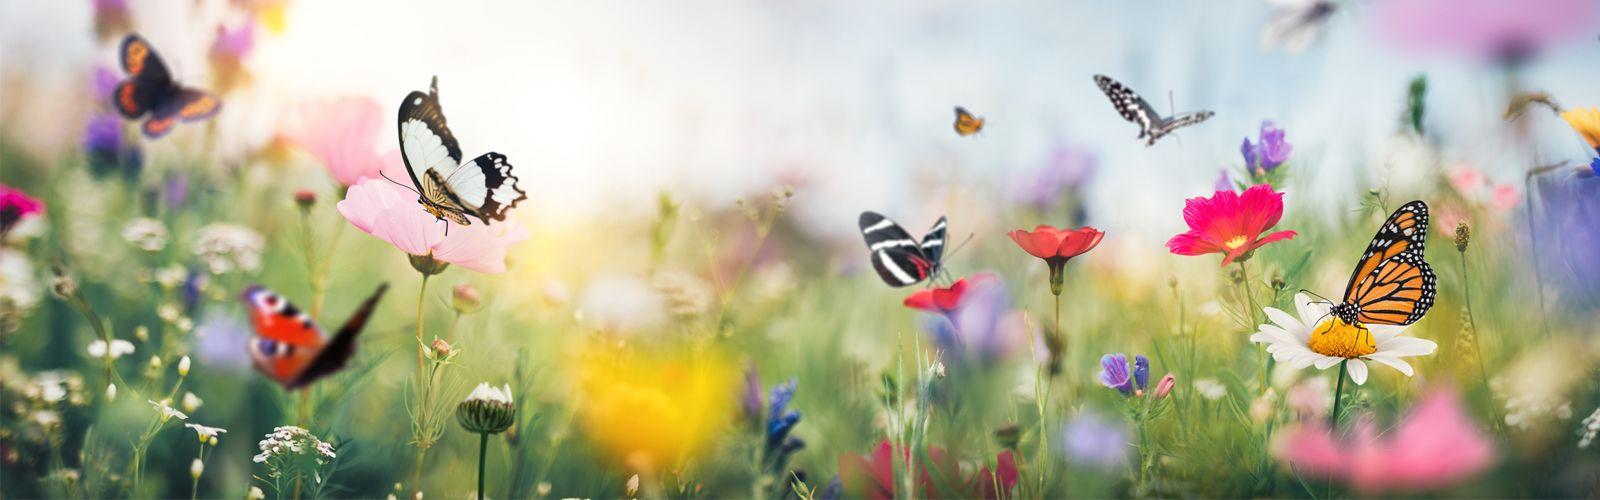 butterflies in a field of flowers